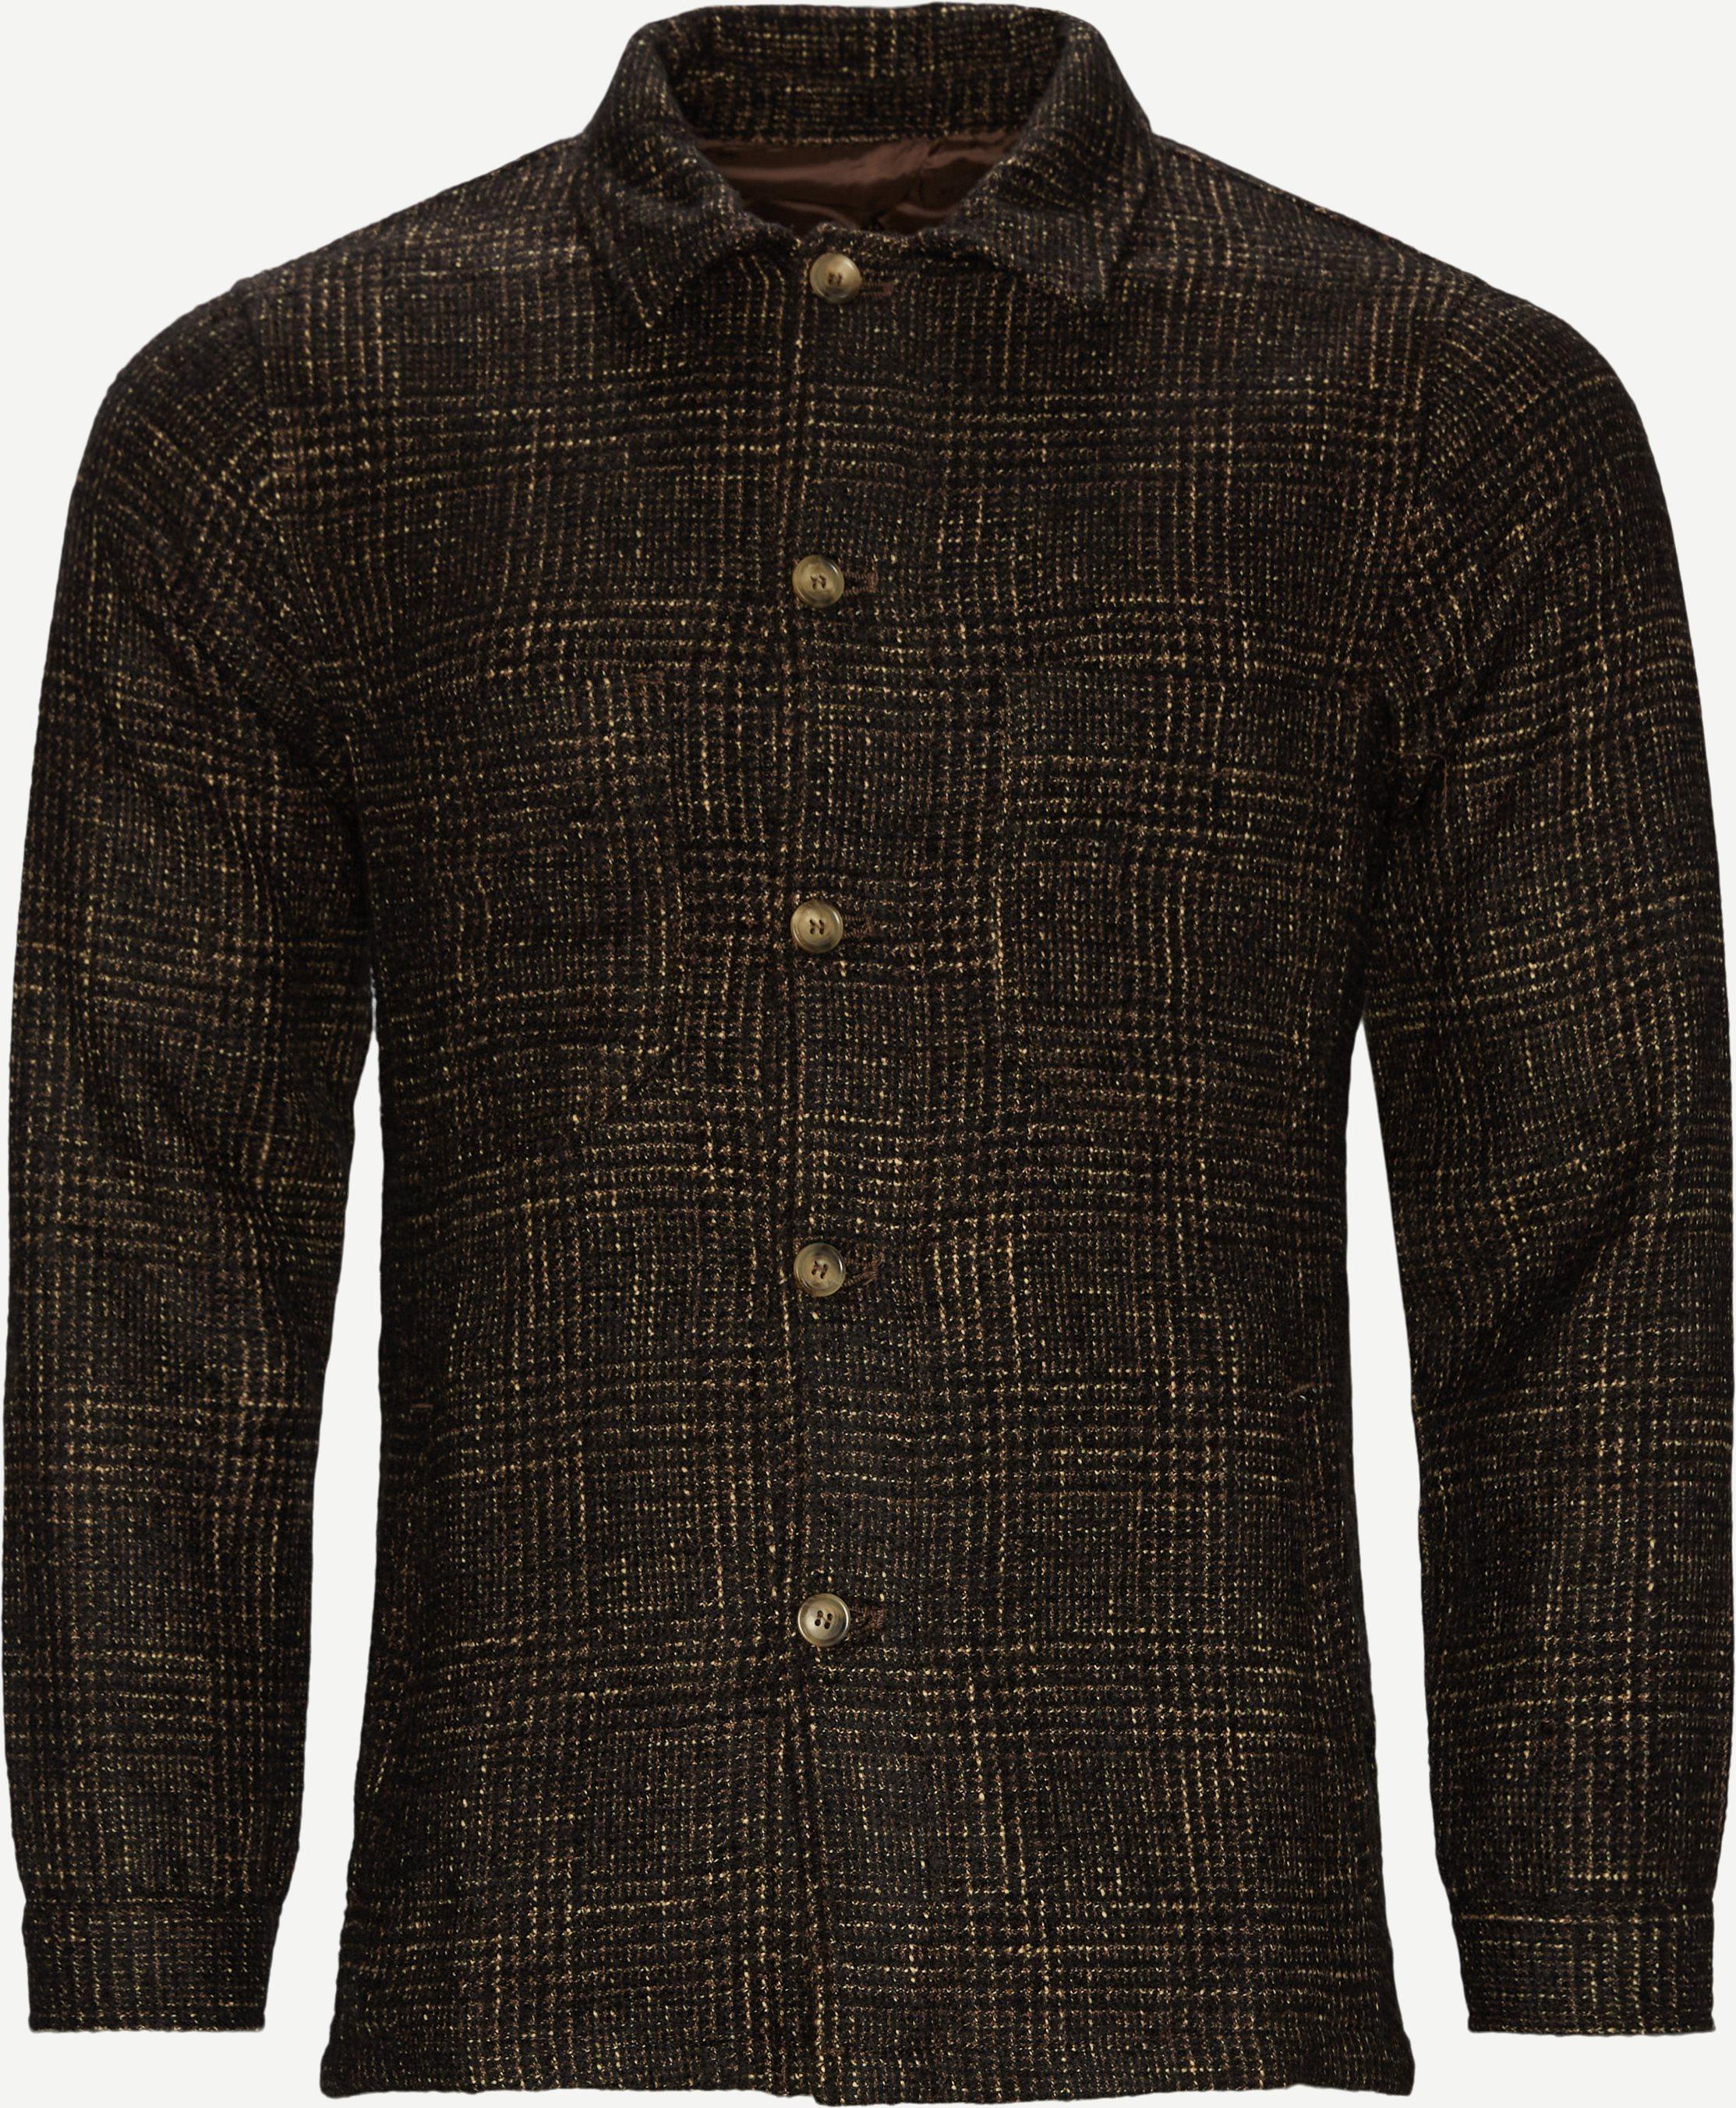 6689 Andy Overshirt - Overshirts - Regular fit - Brun